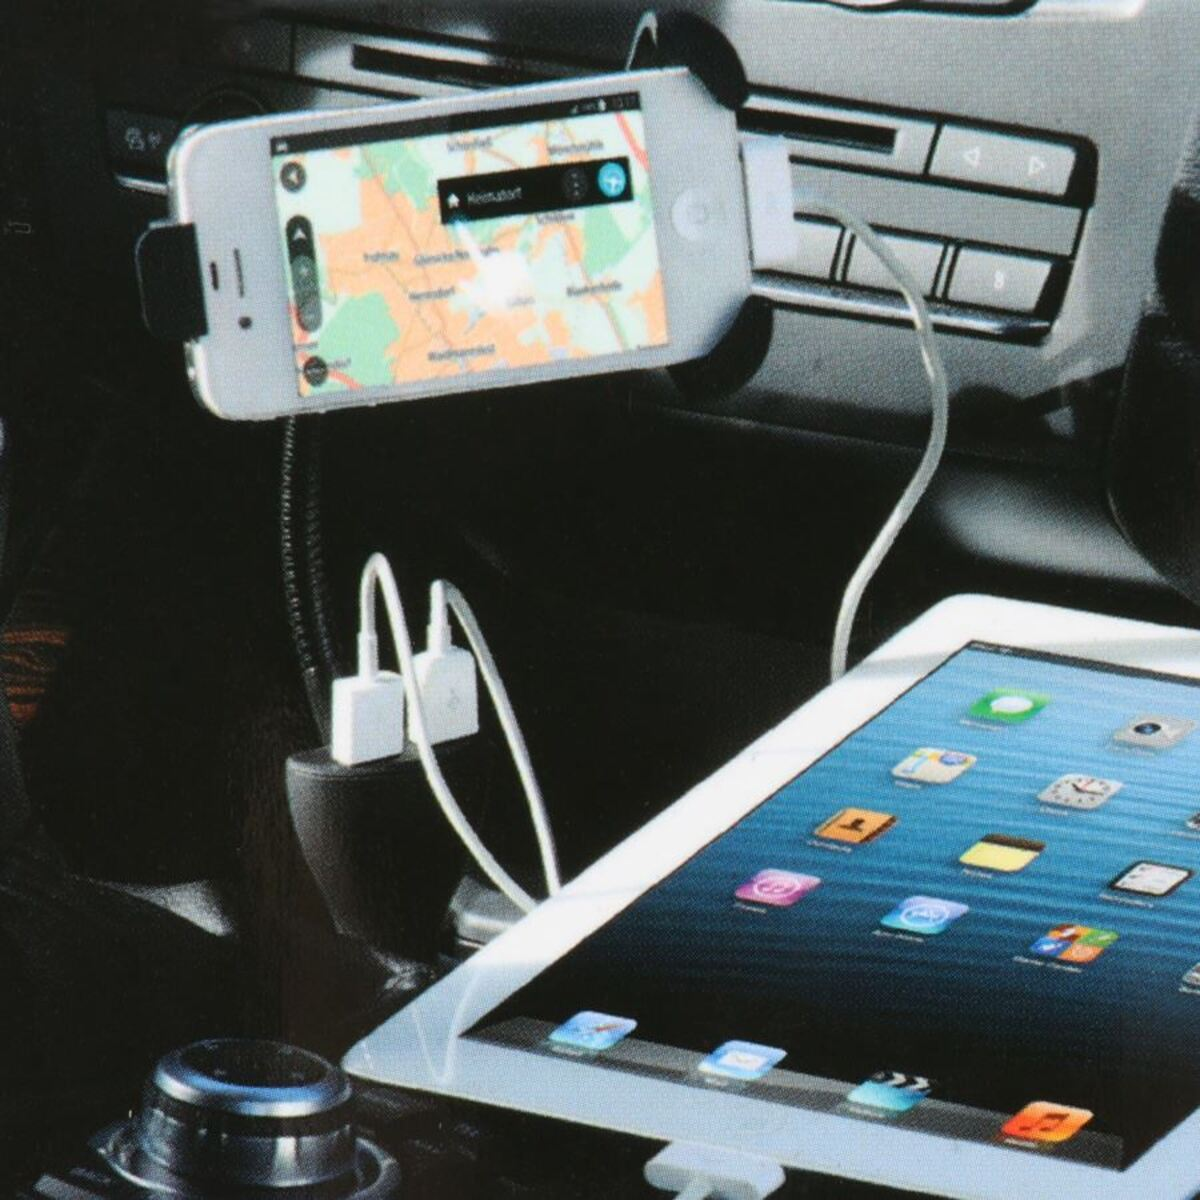 Bild 3 von Smartphone-Halterung mit Ladefunktion